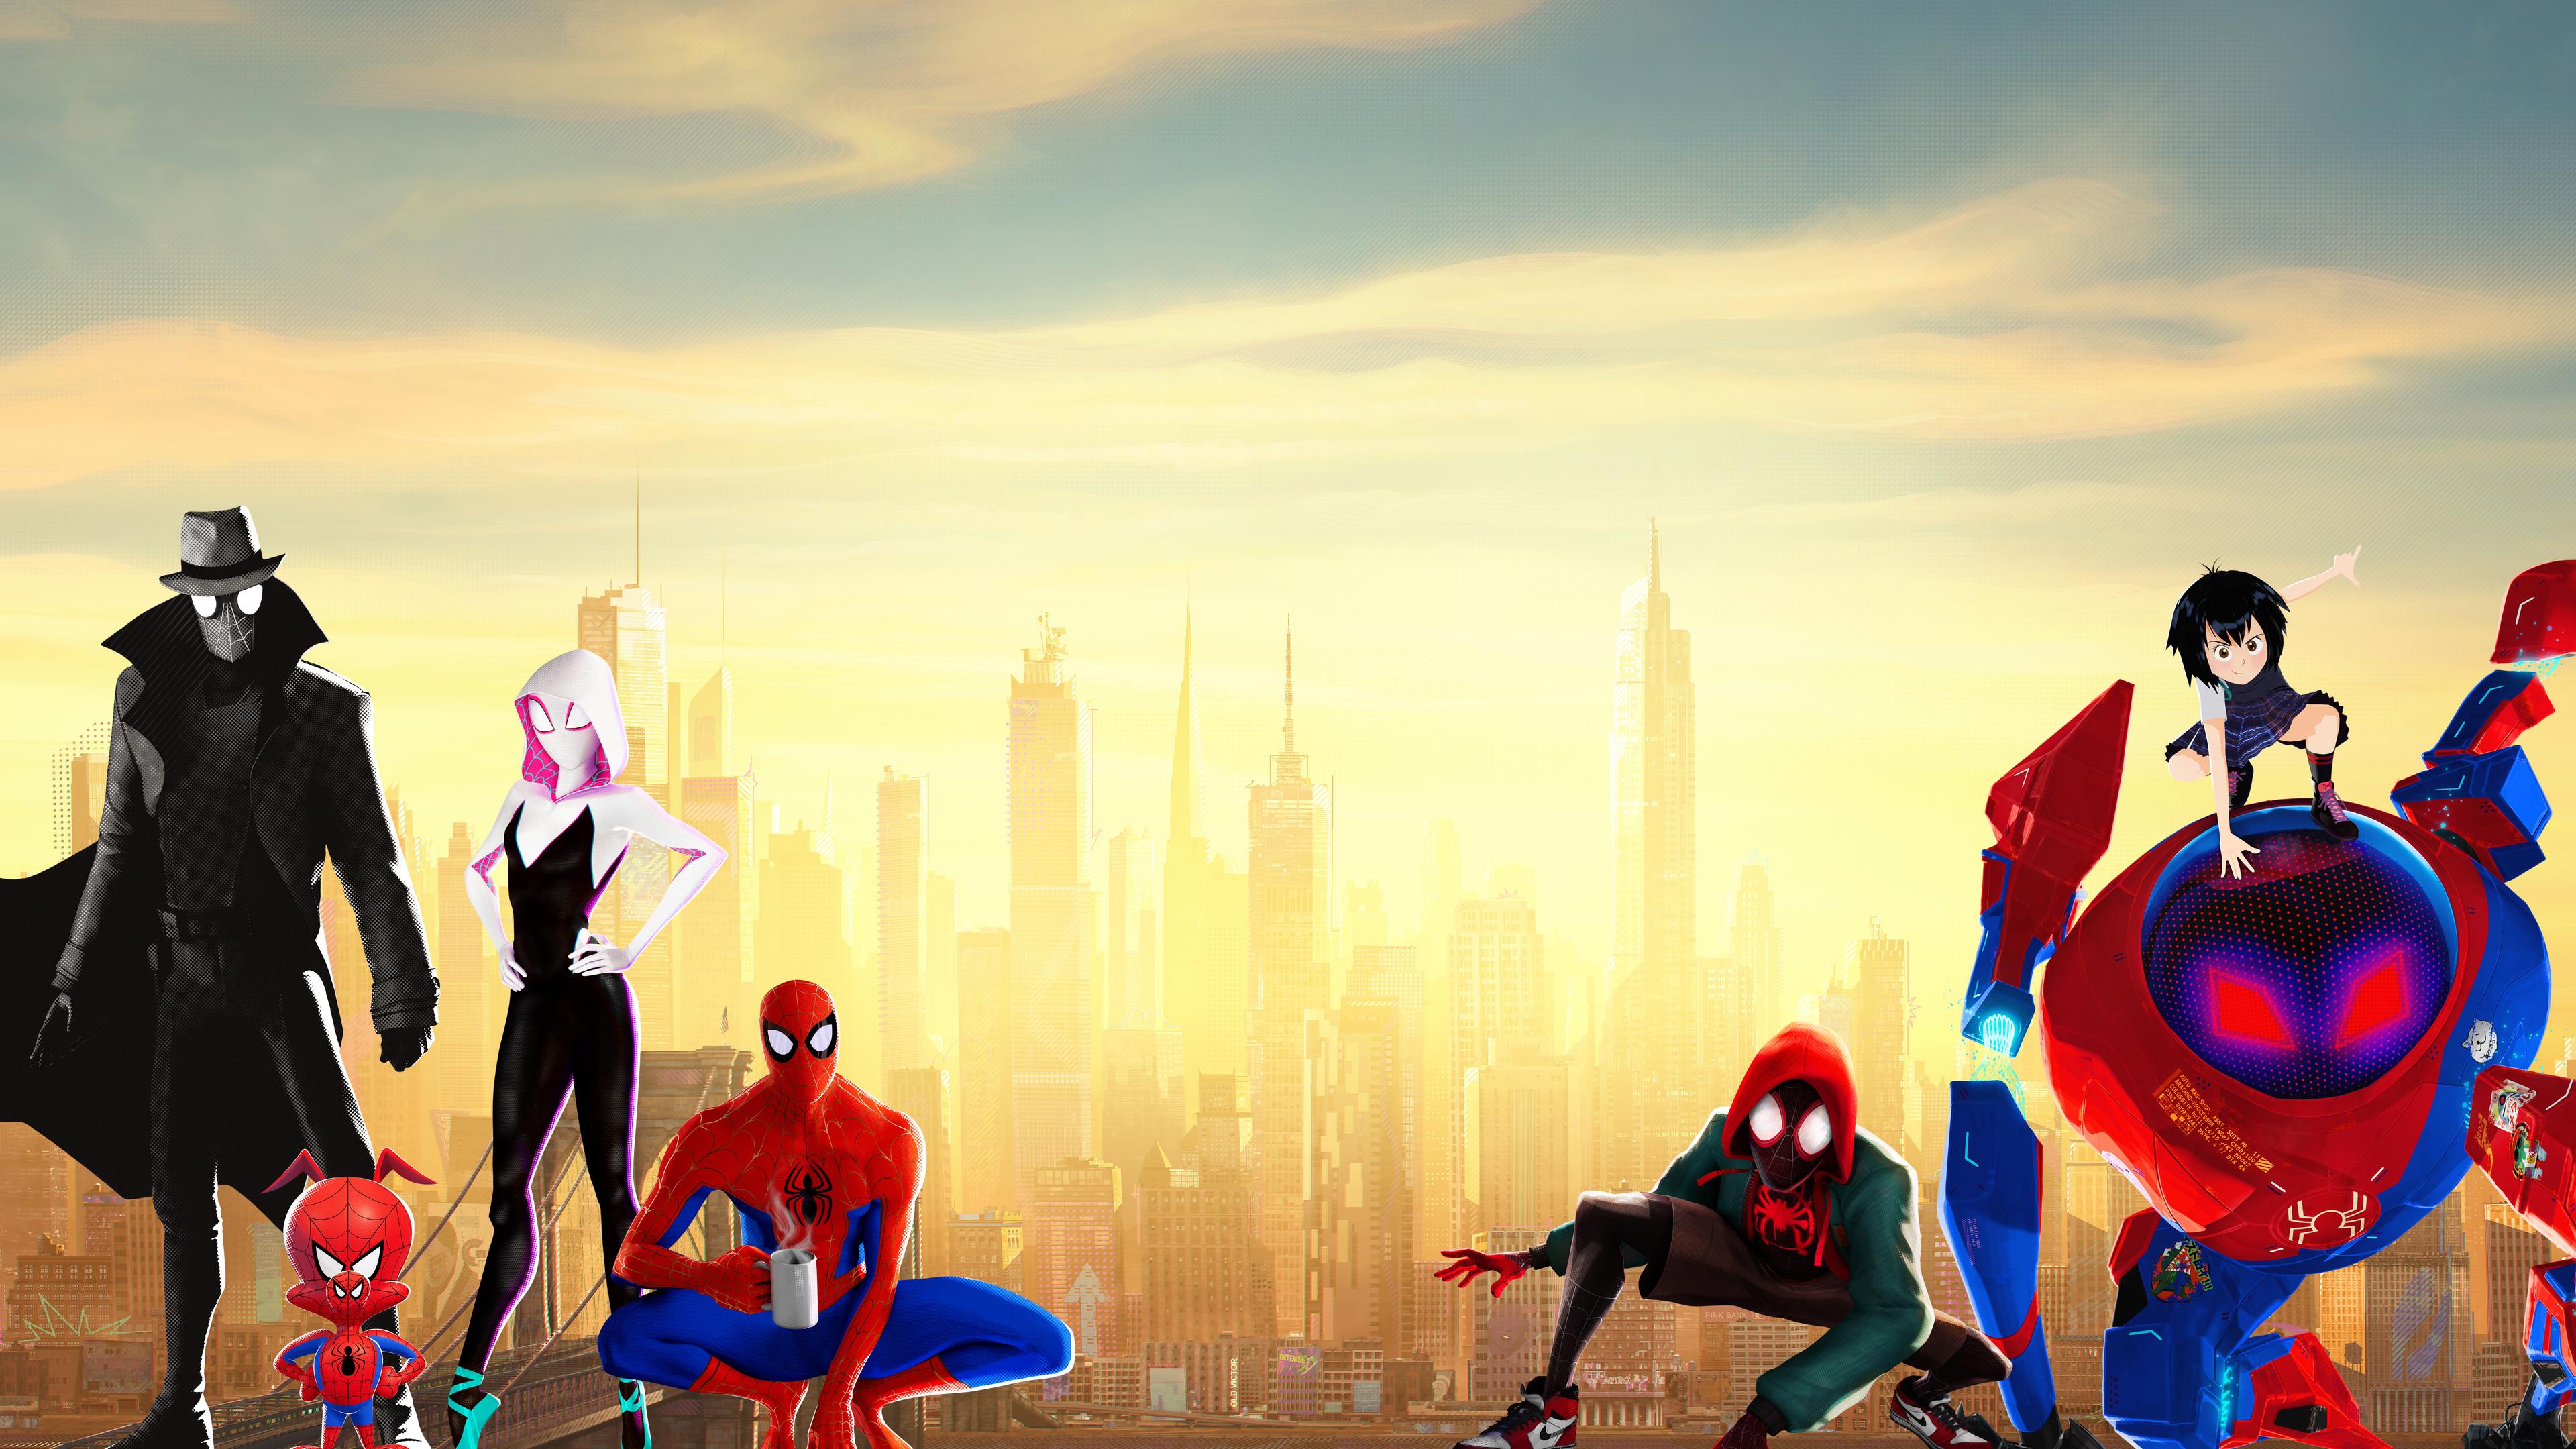 3840x2160 Spiderman Into The Spider Verse 15k 4k HD 4k ...